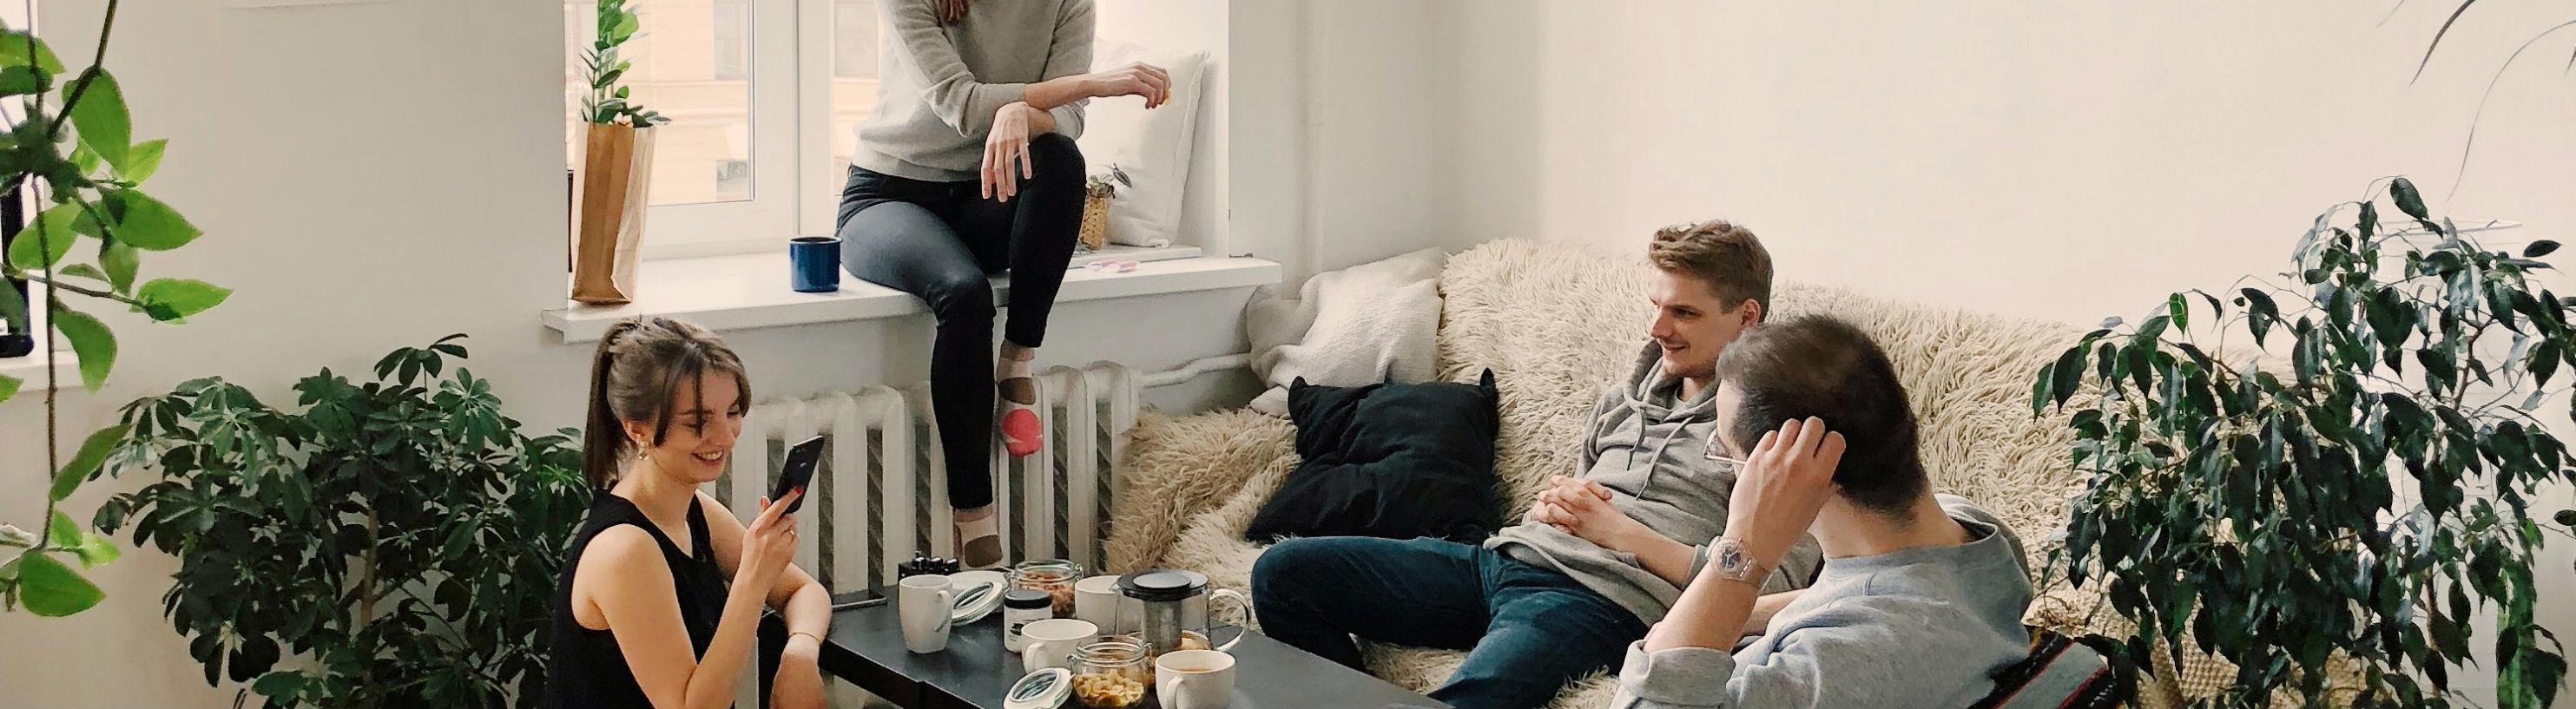 Vier Menschen sitzen um einen Wohnzimmertisch.